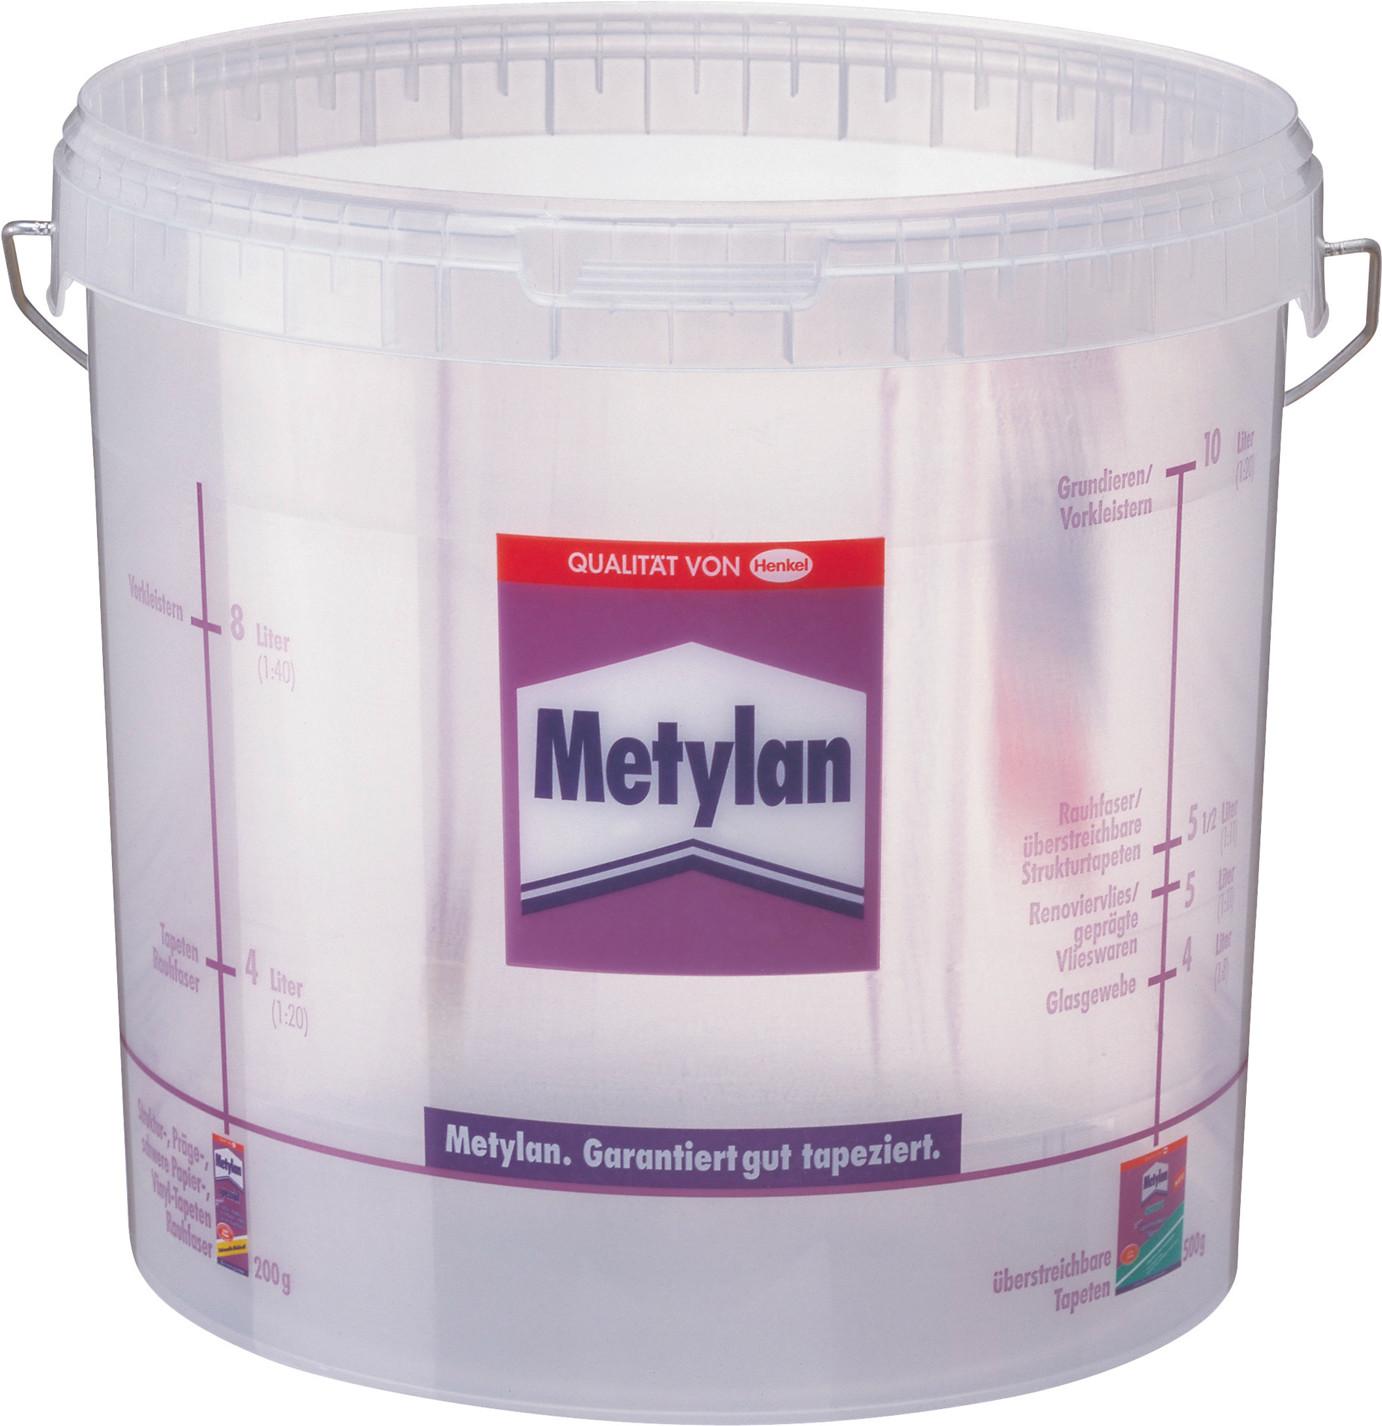 Metylan Tapeziereimer 10L